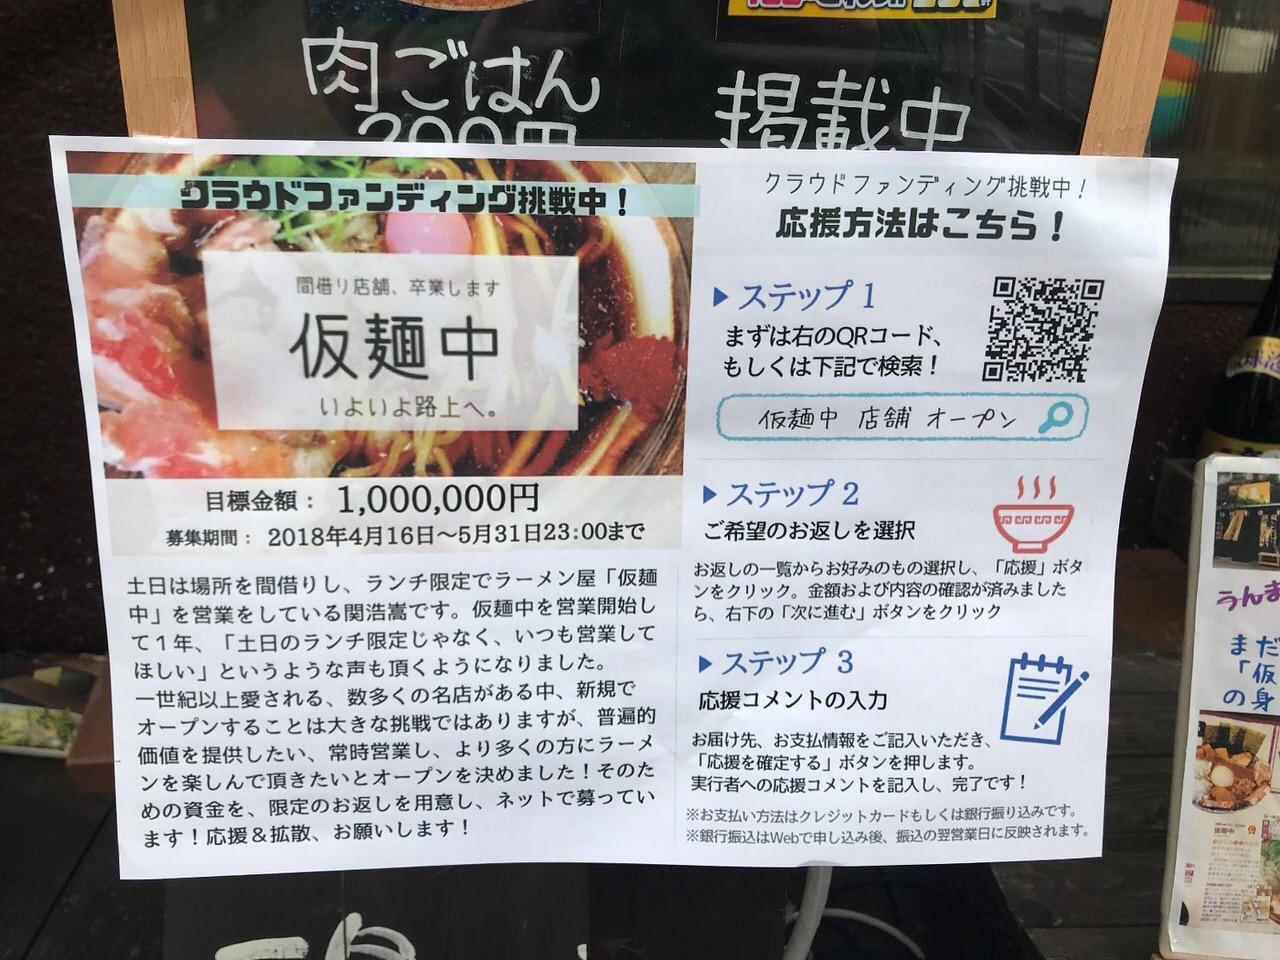 「仮麺中」クラウドファンディングに挑戦